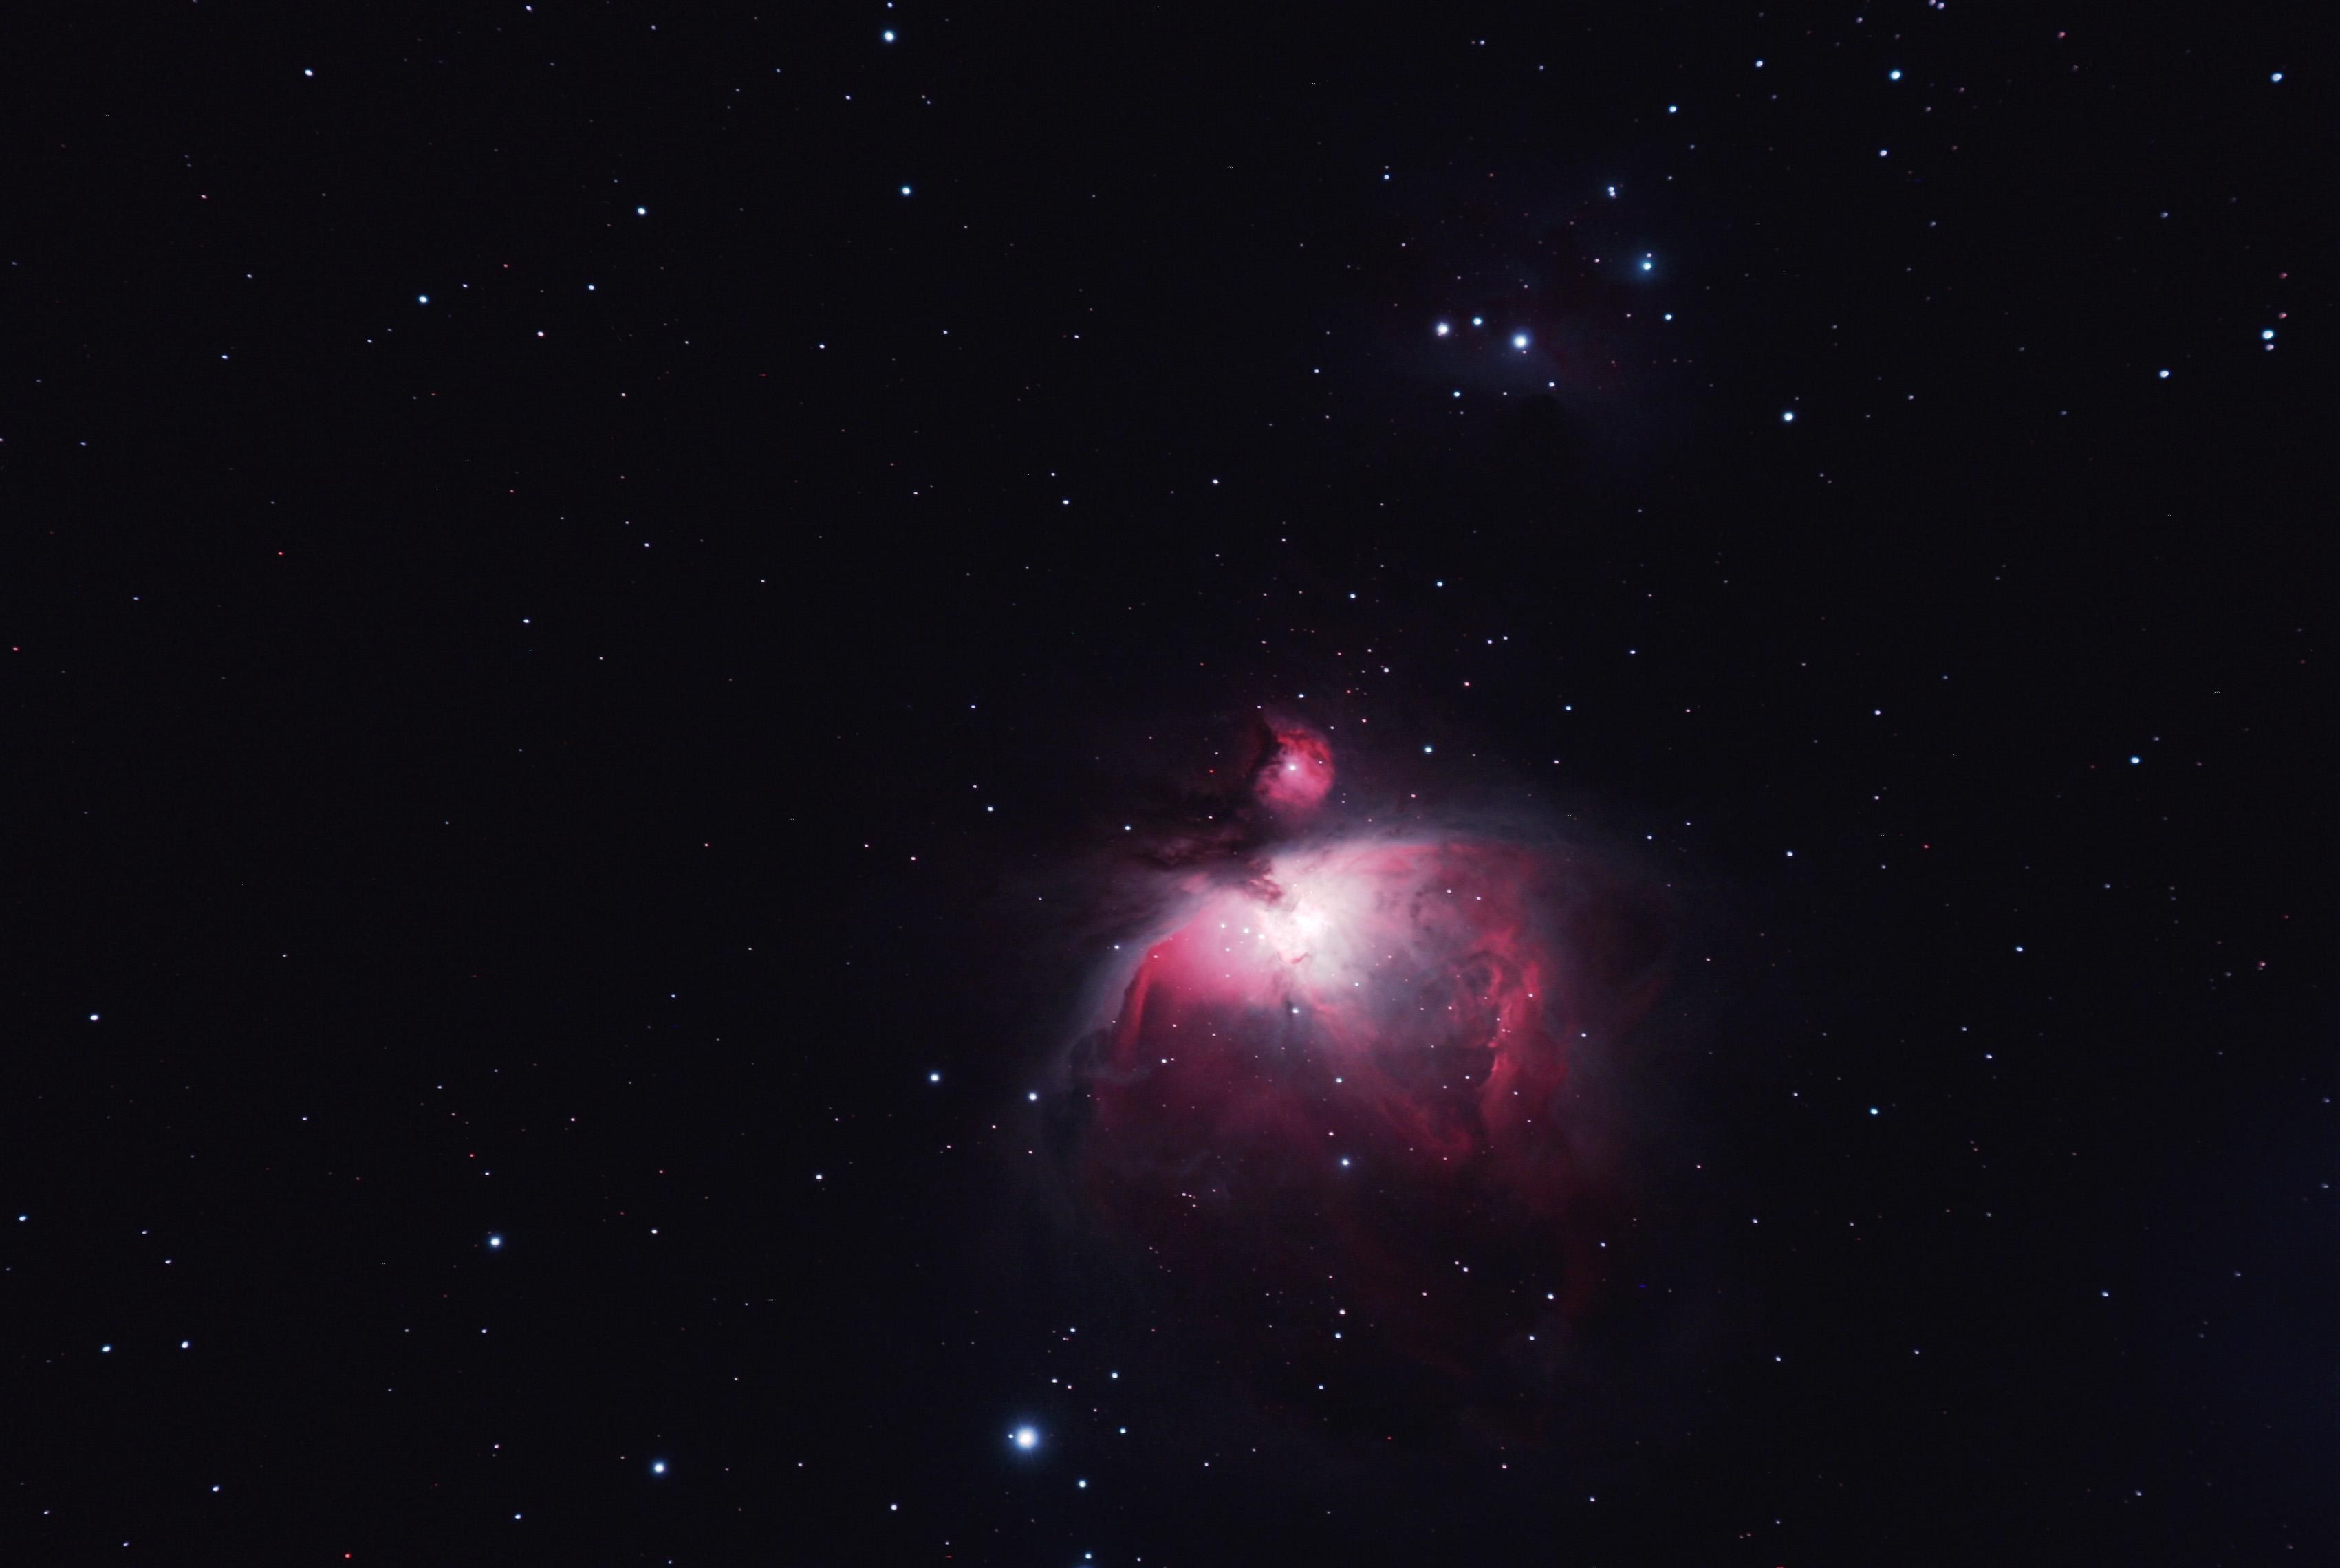 Nébuleuse d'Orion - M42